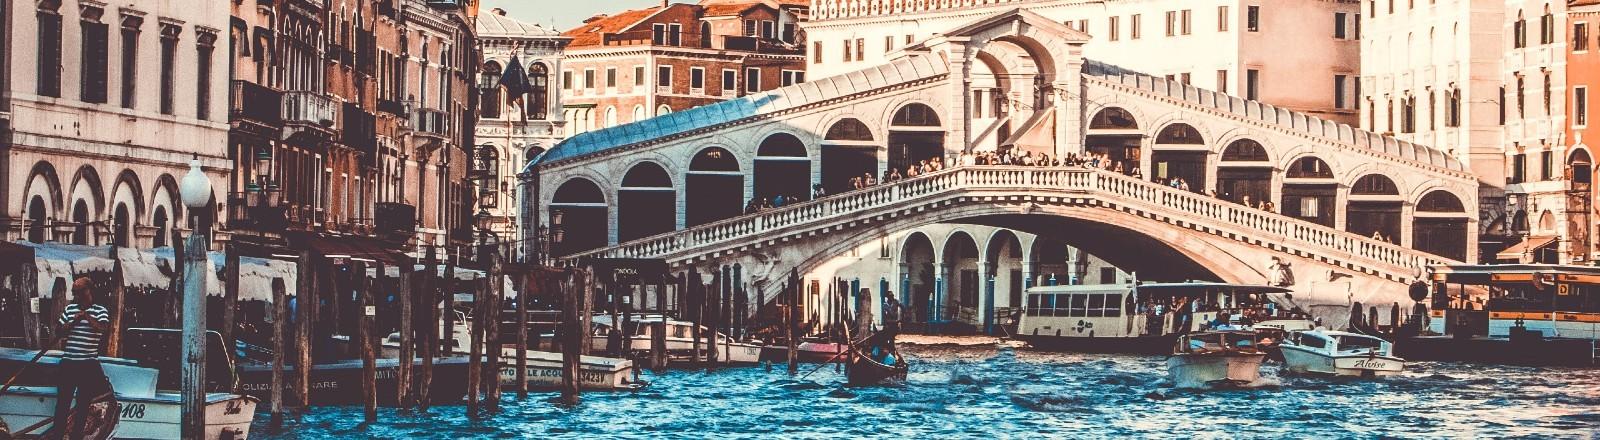 Ein Bild von Venedig mit Kanal und Brücke